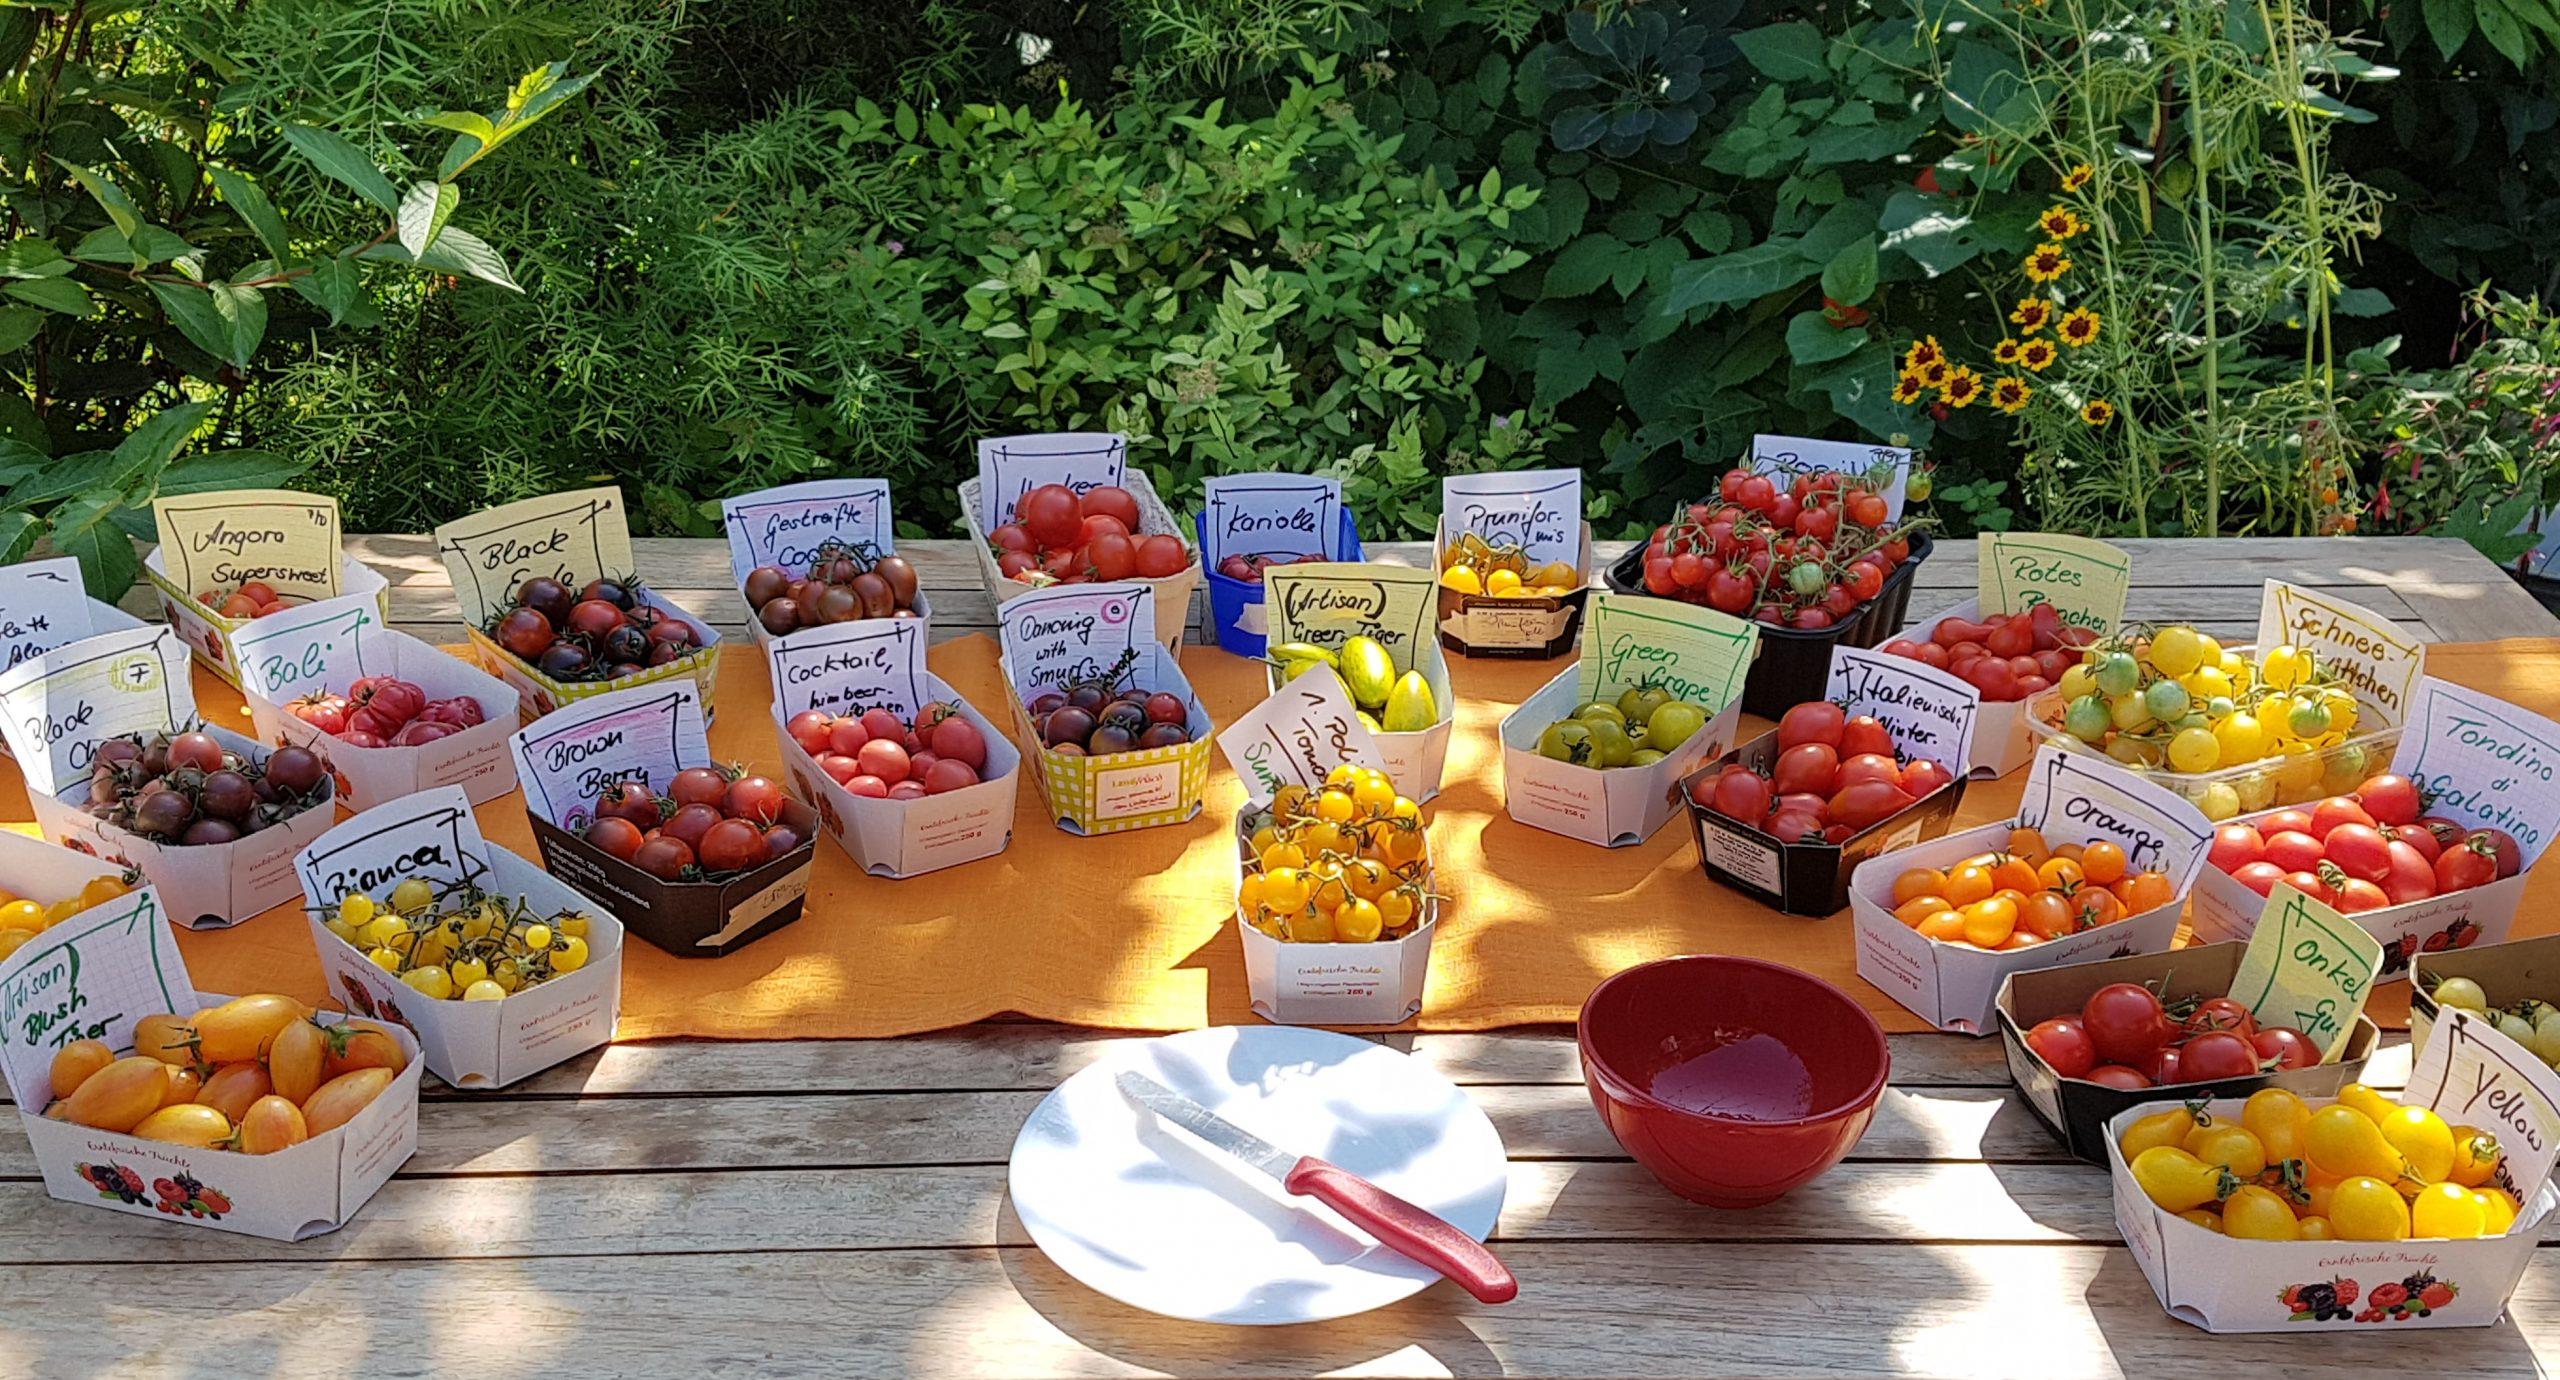 Tomatenverkostung bei Tomaten aus Kurpfalz